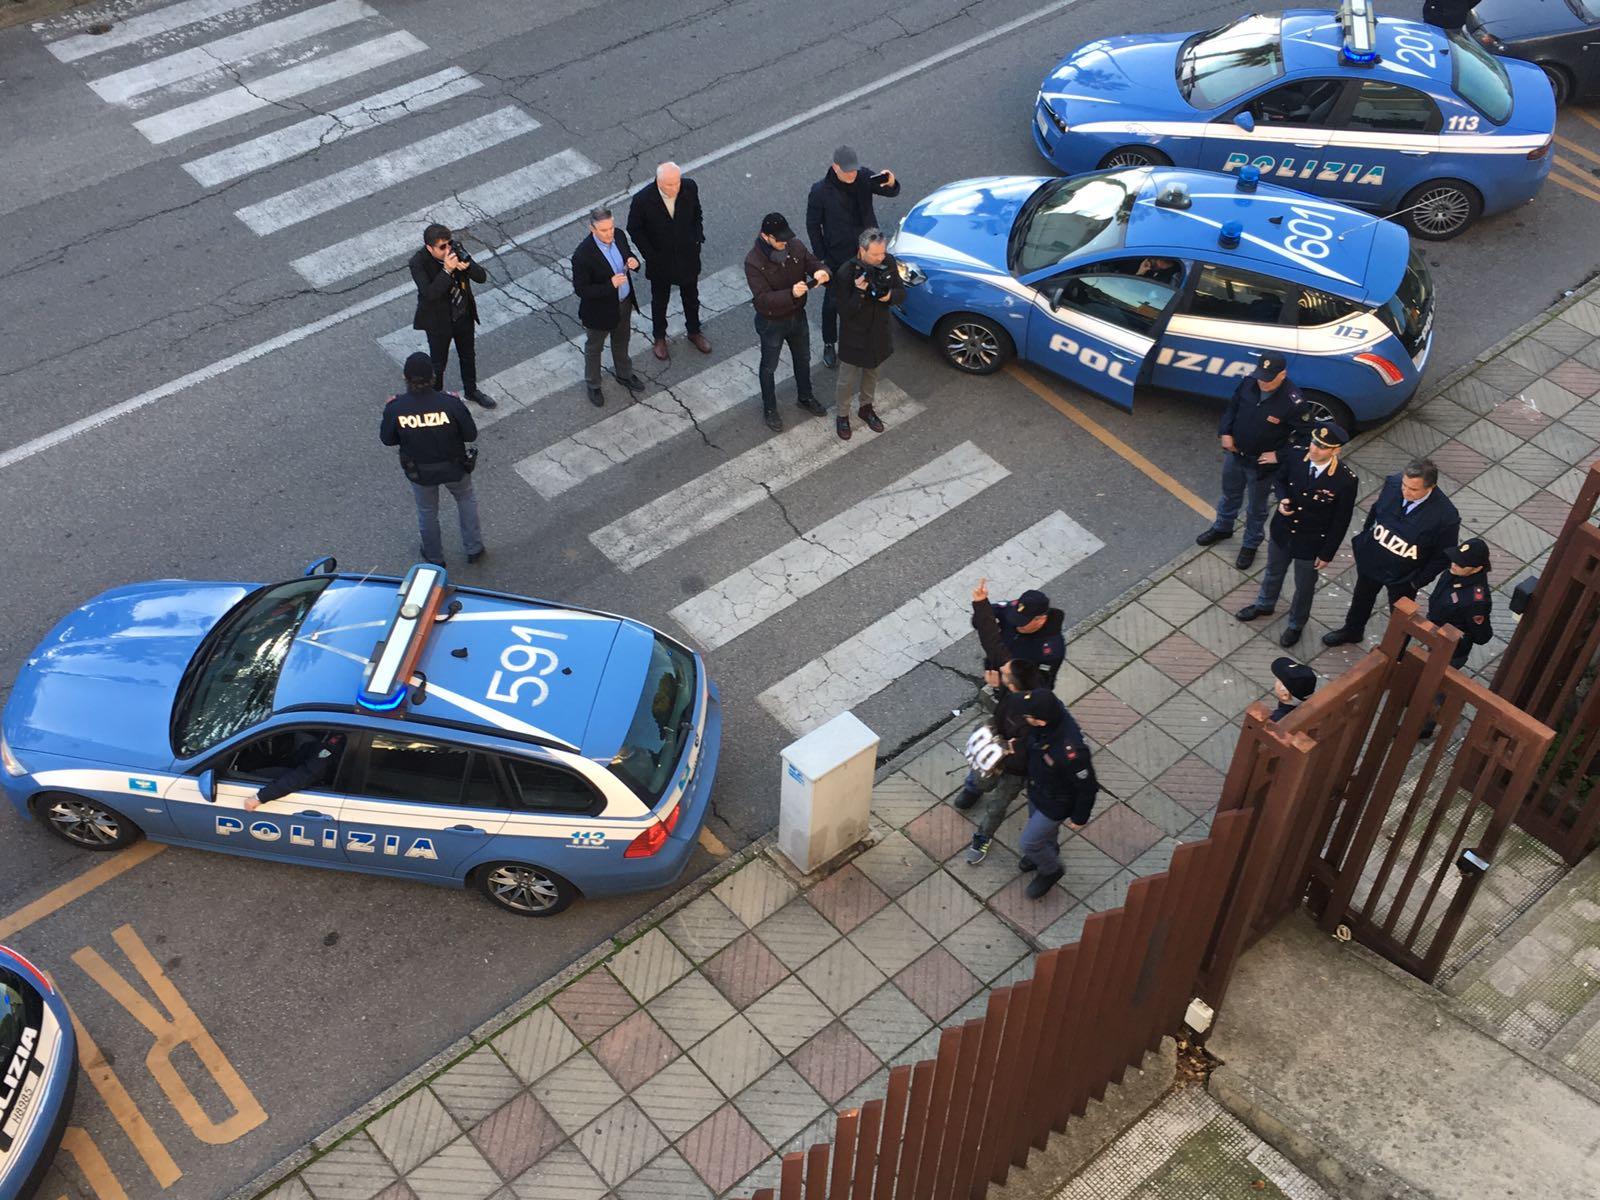 Traffico di droga, estorsione e rapina, 7 arresti tra Castrovillari e Rossano